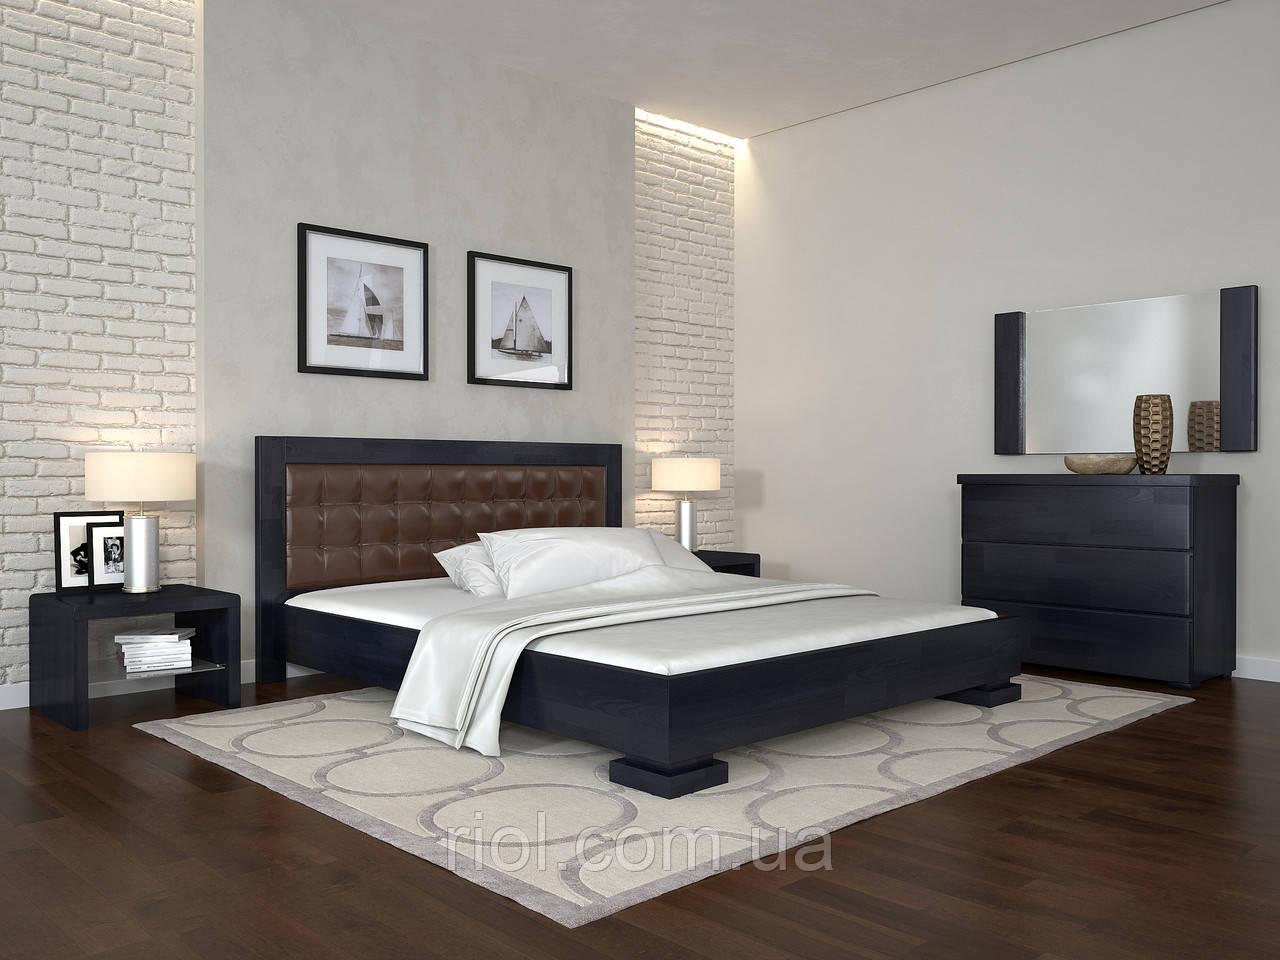 Кровать деревянная Монако полуторная